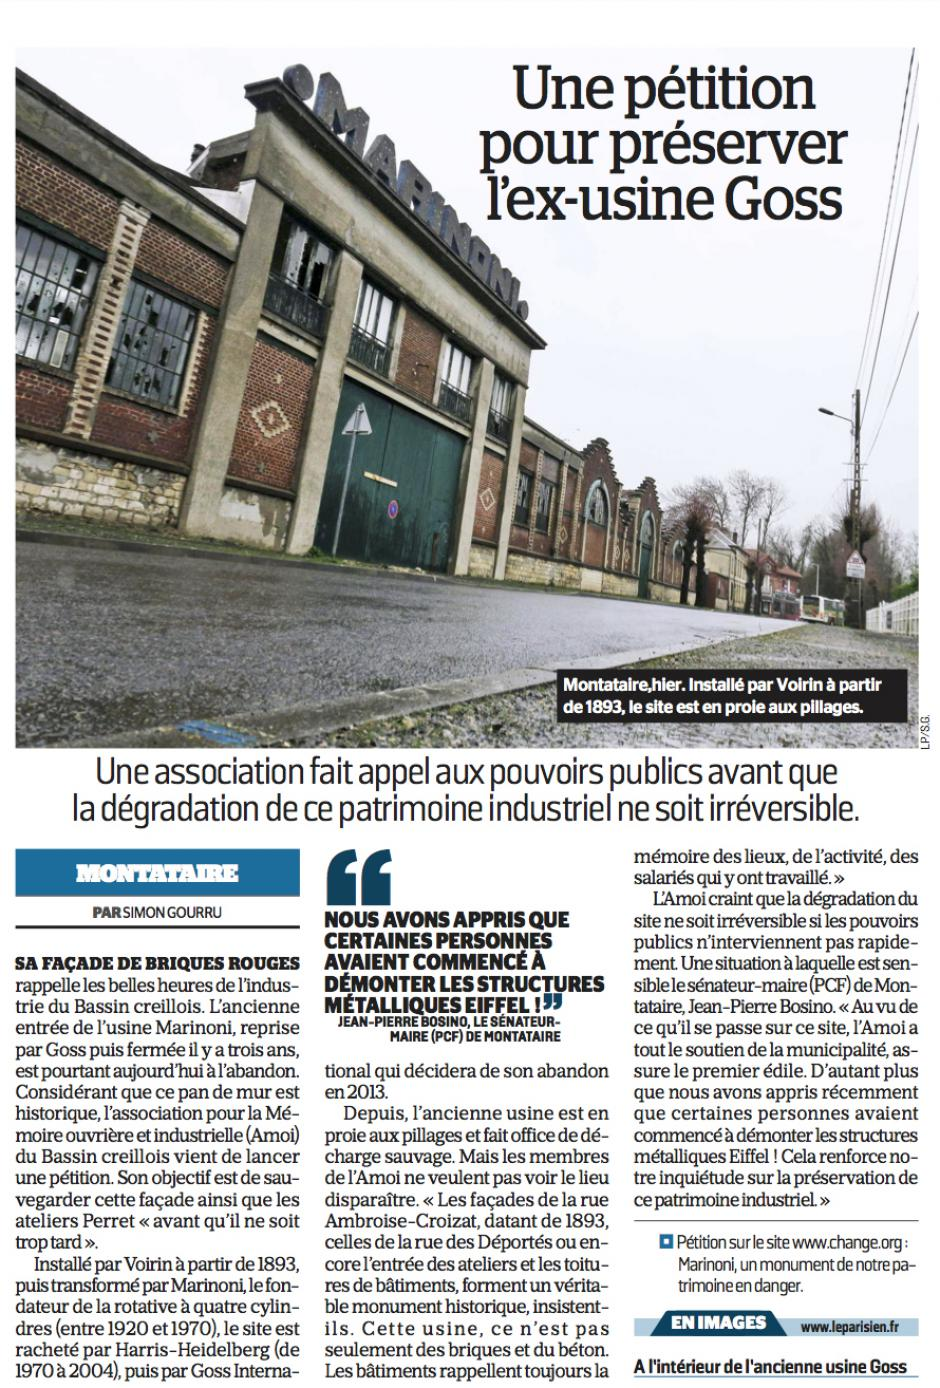 20170302-LeP-Montataire-Une pétition pour préserver l'ex-usine Goss